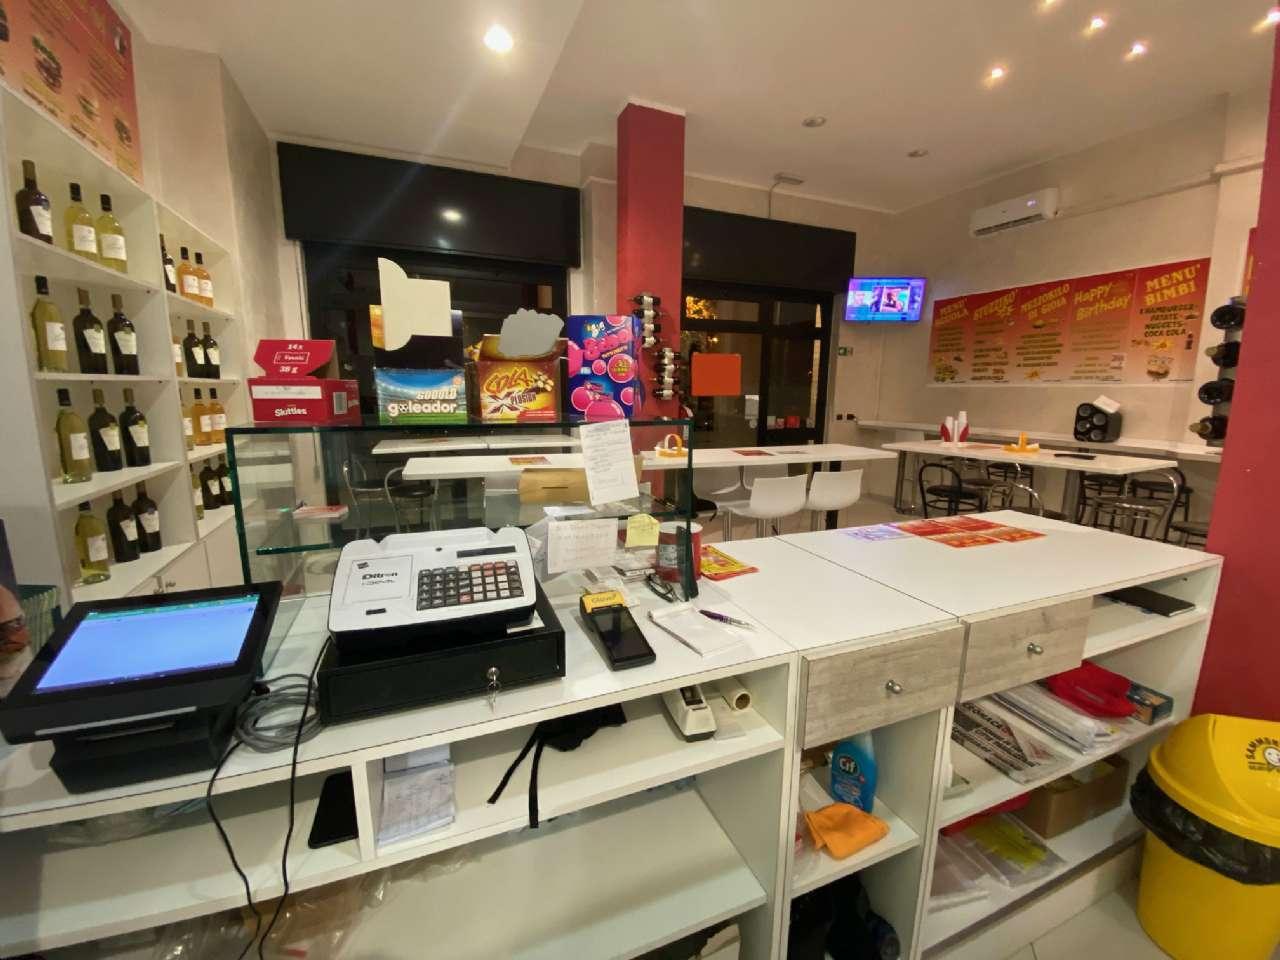 Ristorante / Pizzeria / Trattoria in vendita a Venaria Reale, 3 locali, prezzo € 50.000 | PortaleAgenzieImmobiliari.it